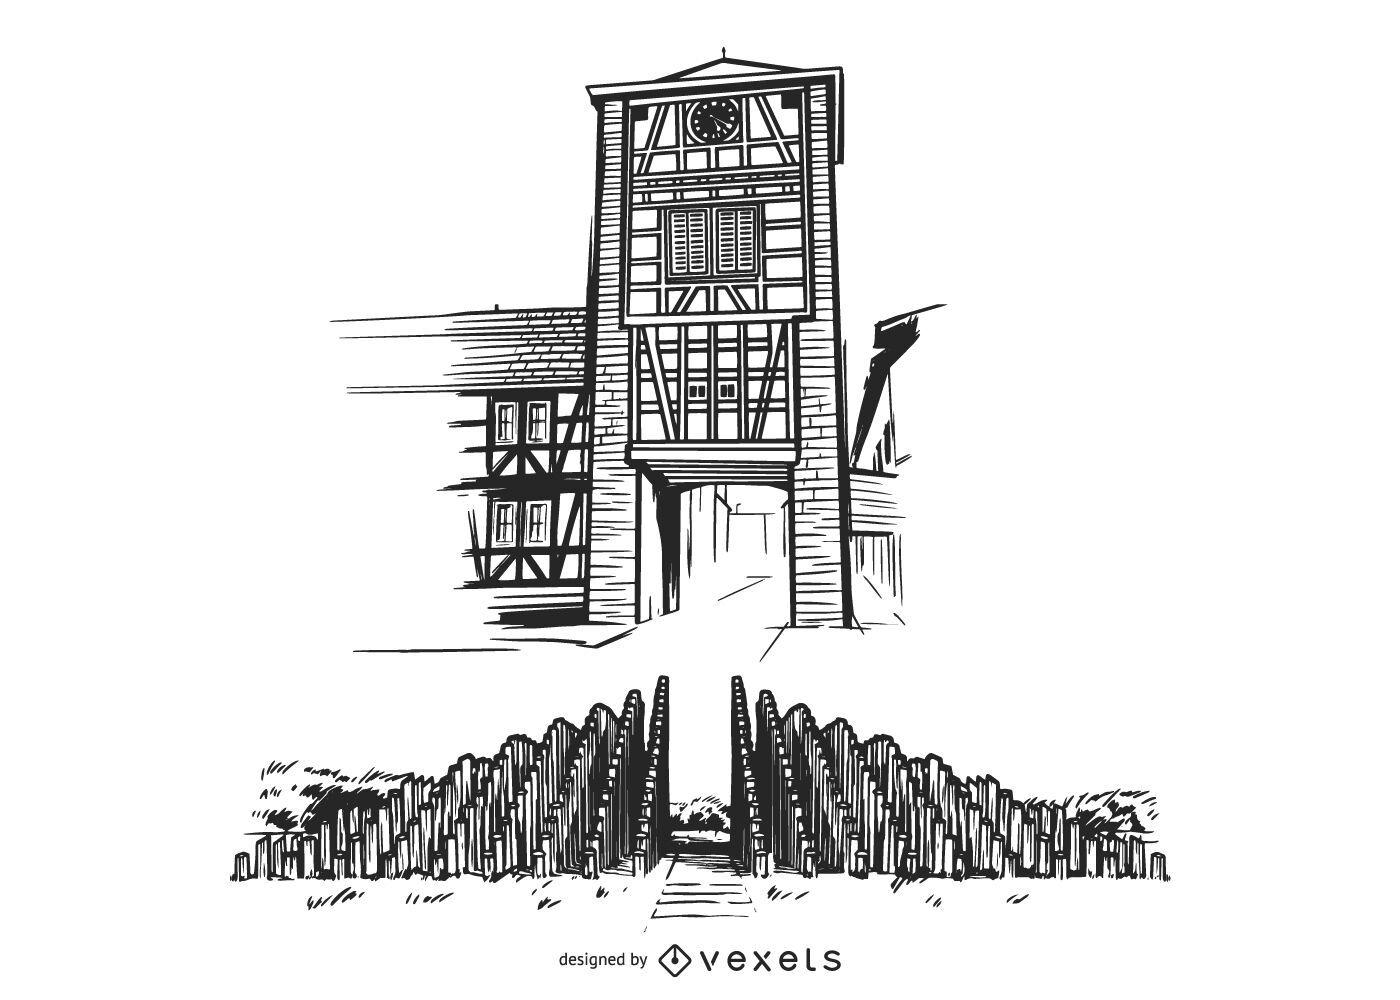 Torre de ferro da Alemanha desenhada ? m?o